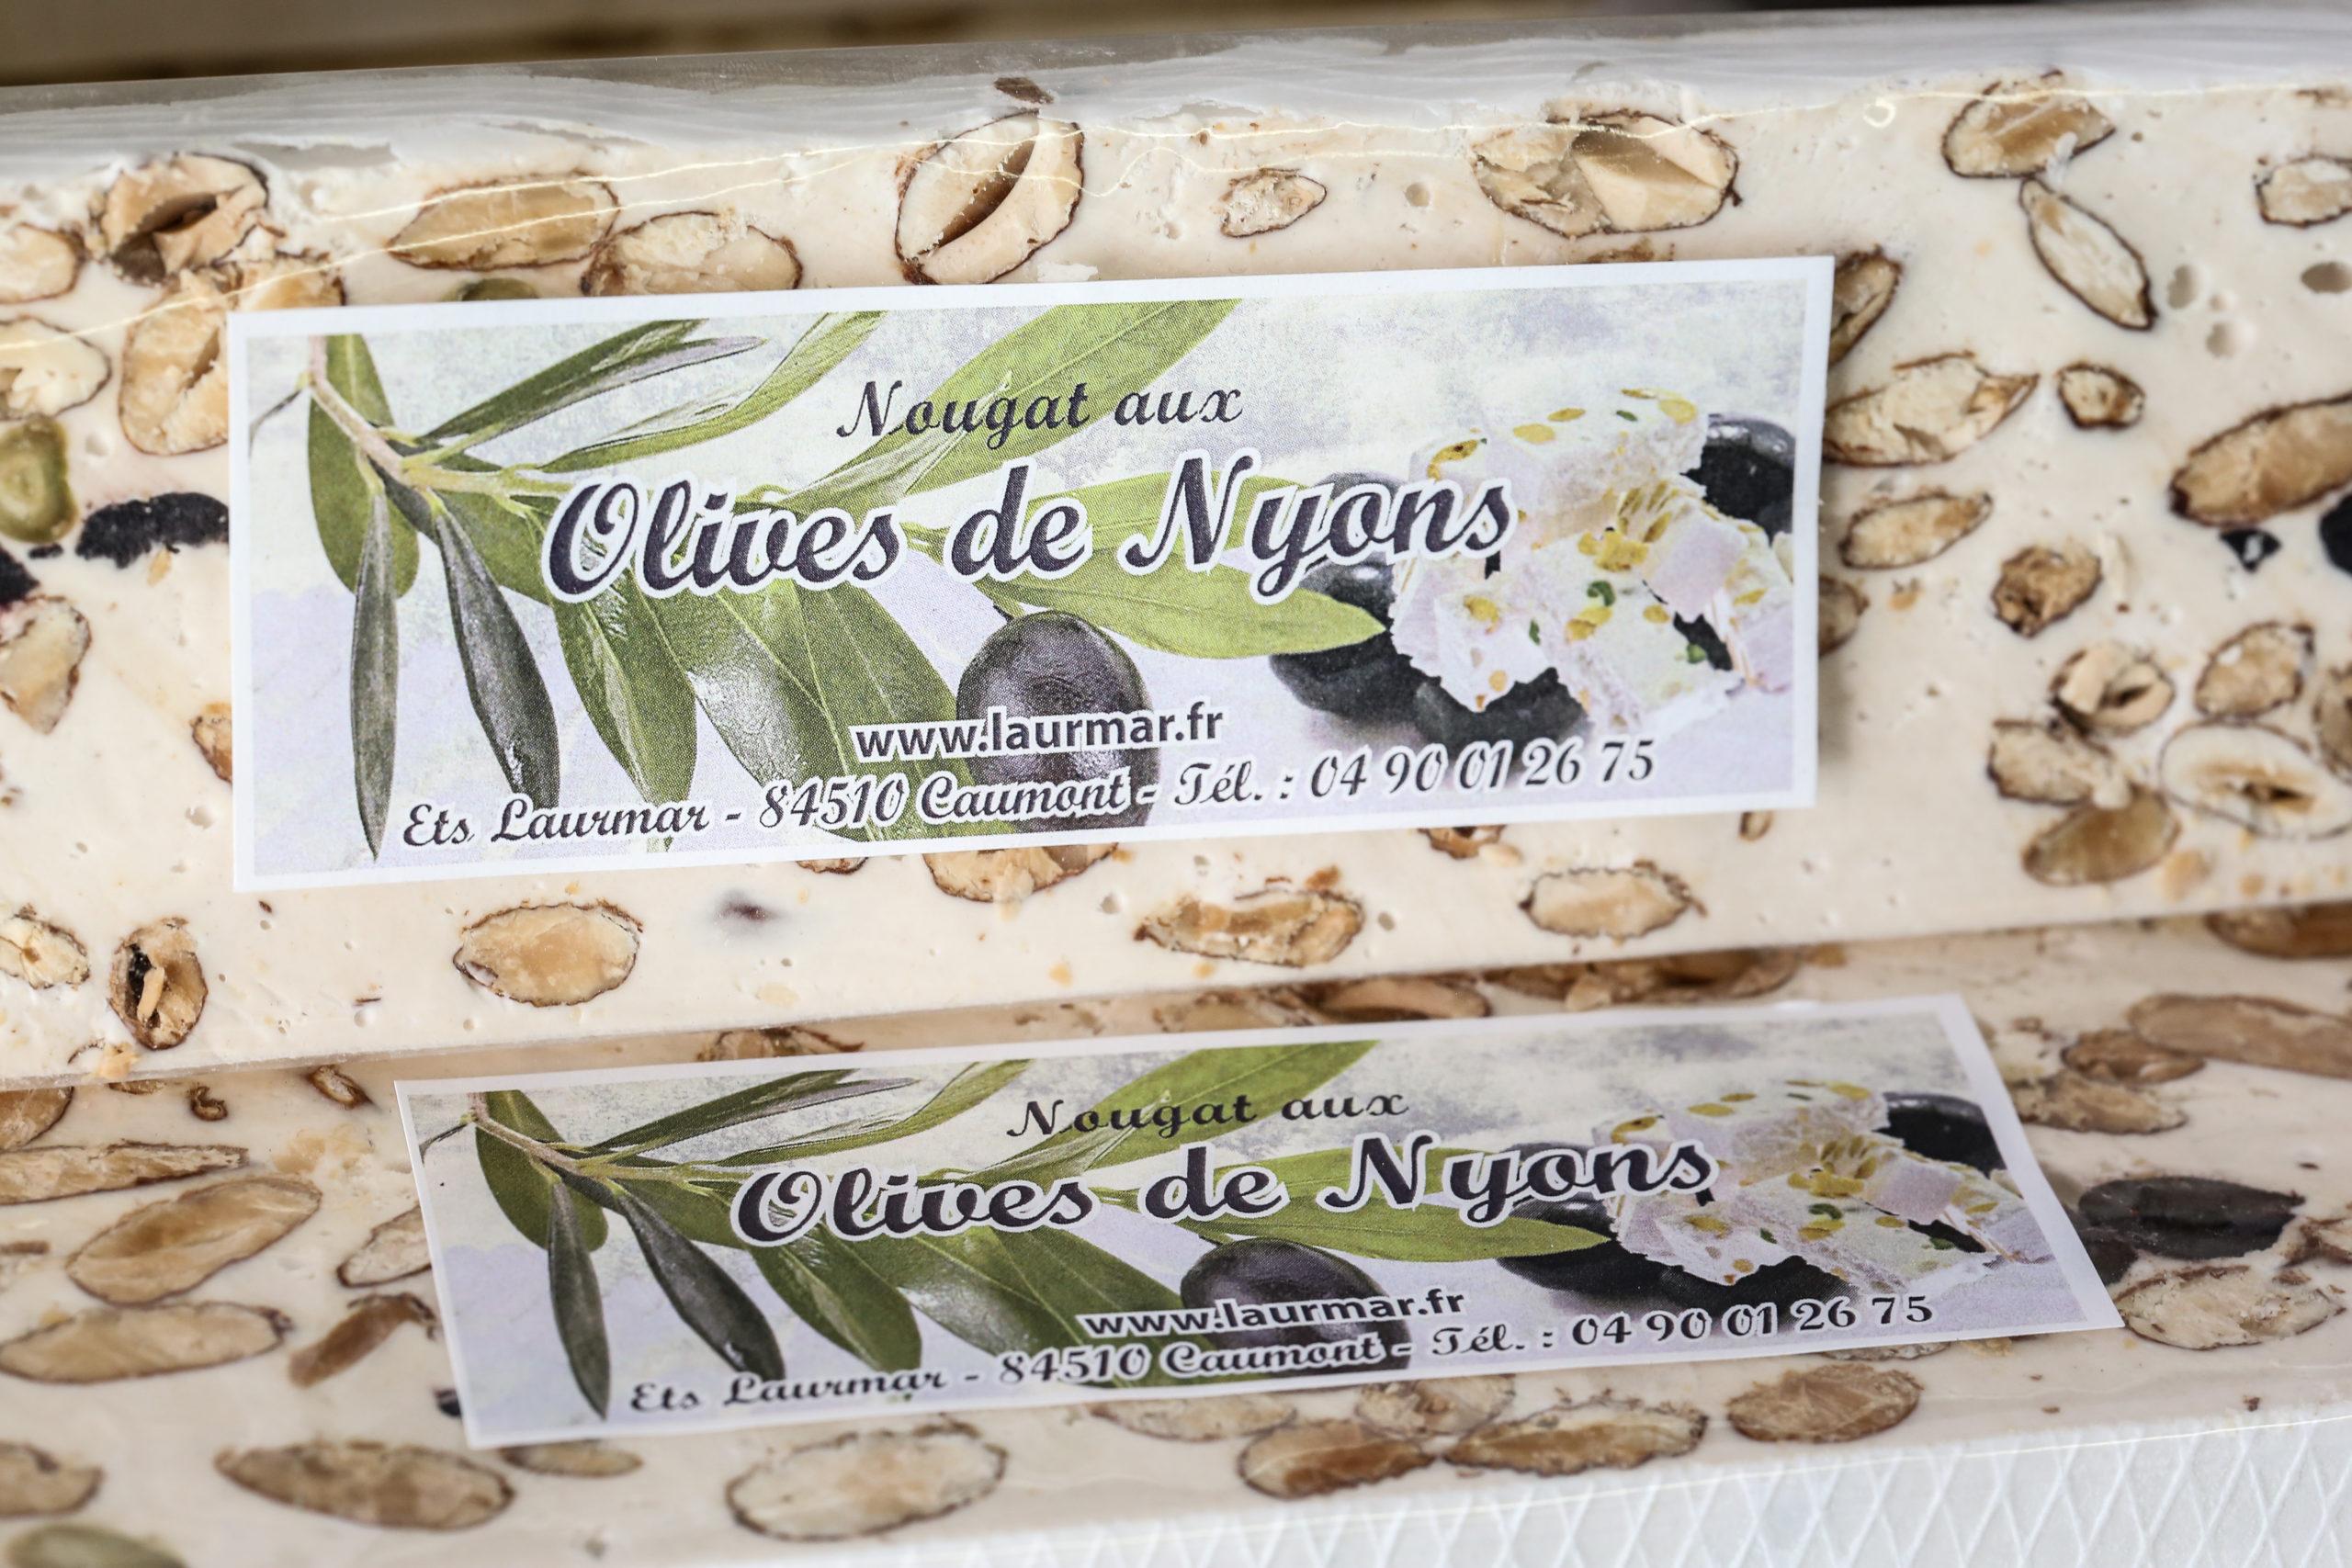 nougat-olive_nyons_aop - Nougat tendre de qualité en fabrication artisanal